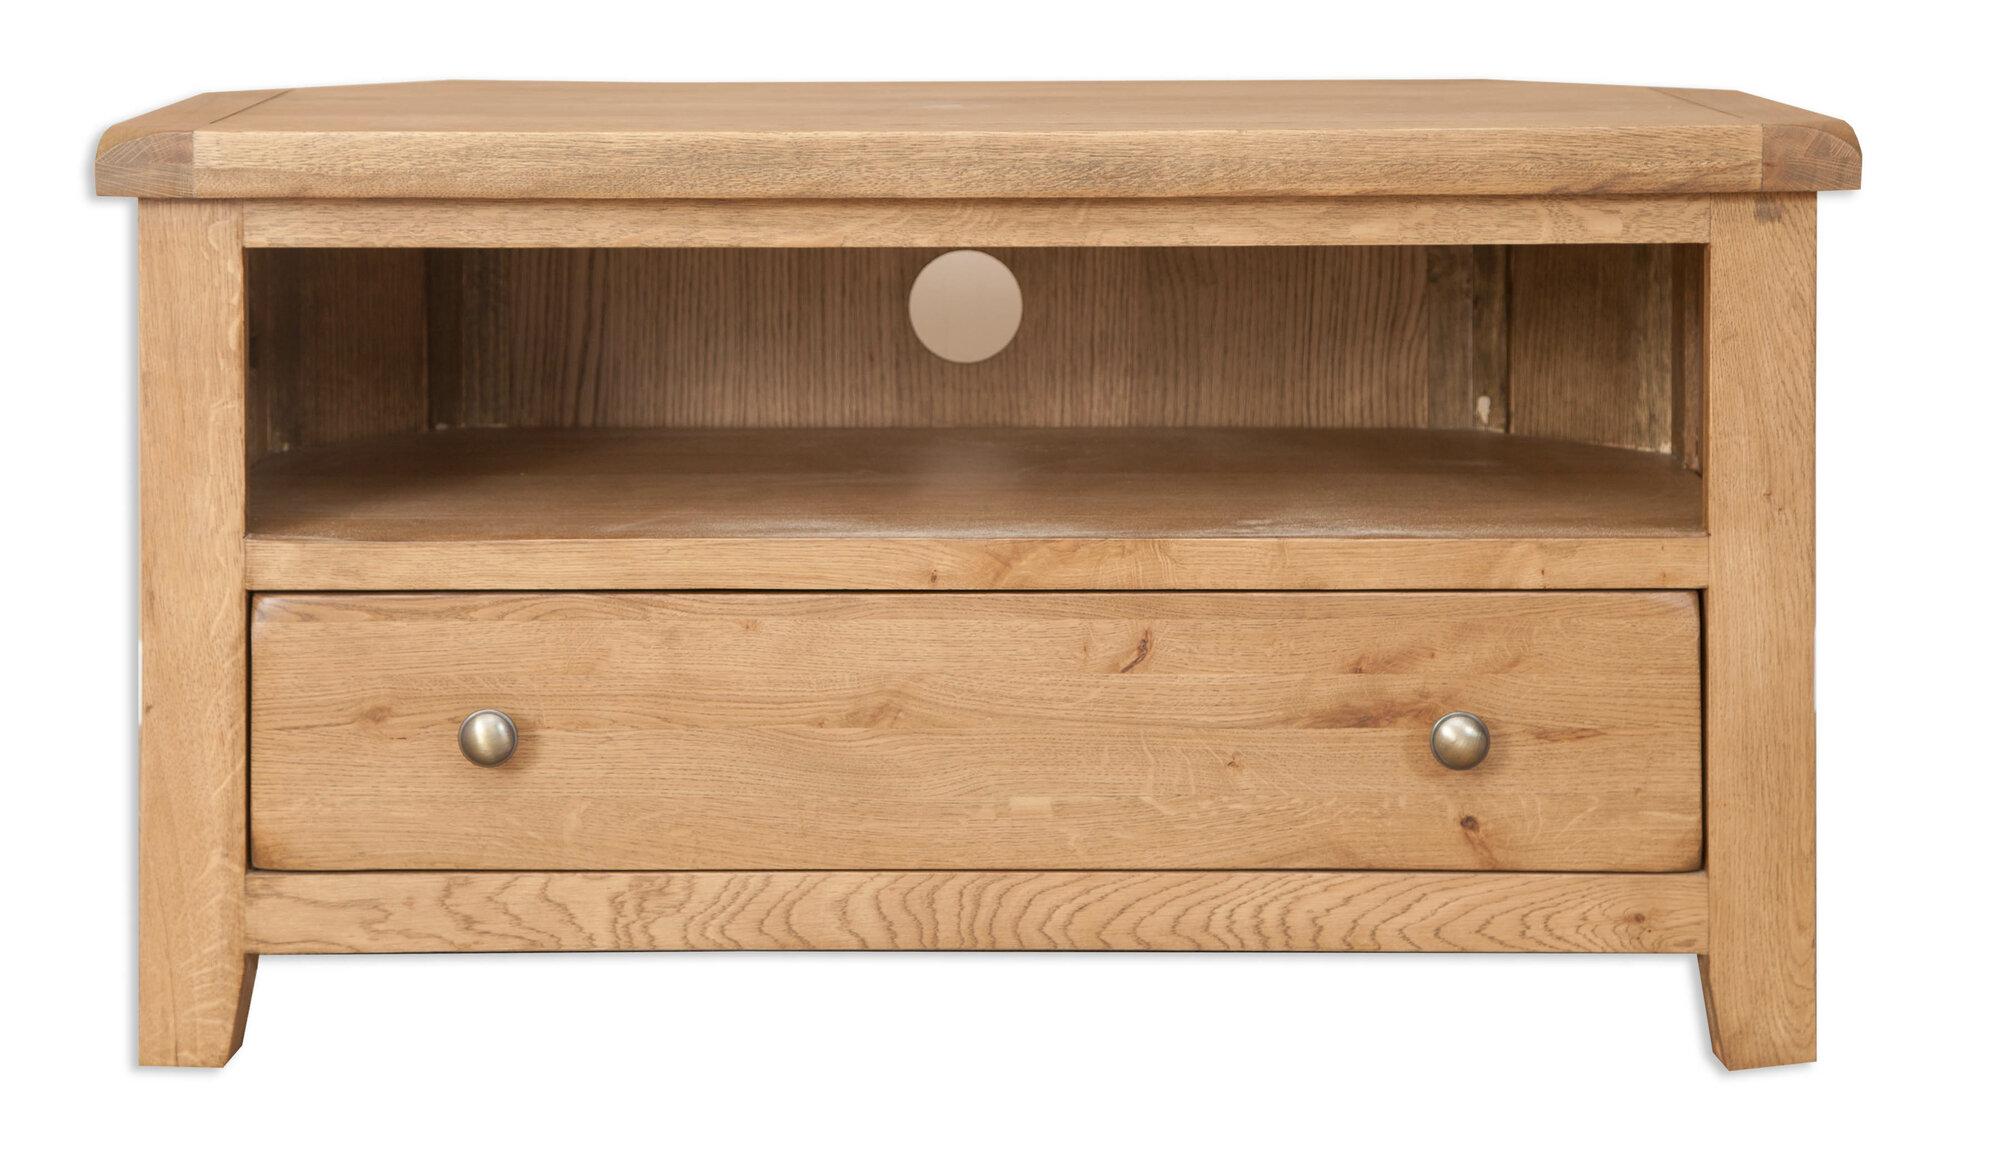 cleverfurn tv eckschrank melbourne country living ebay. Black Bedroom Furniture Sets. Home Design Ideas